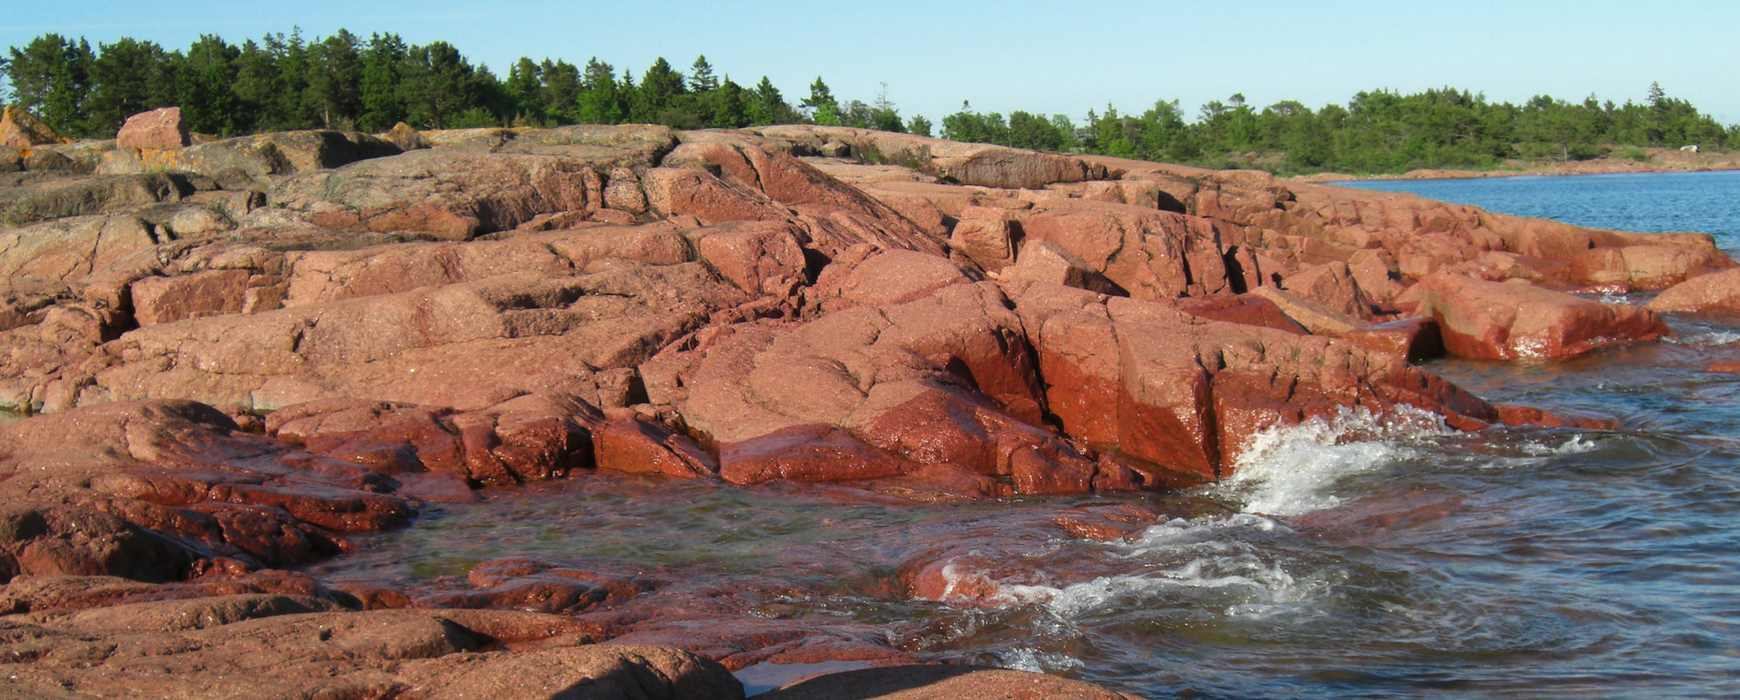 Insel im Archipel von Åland, dem Schärenparadies in der Ostsee